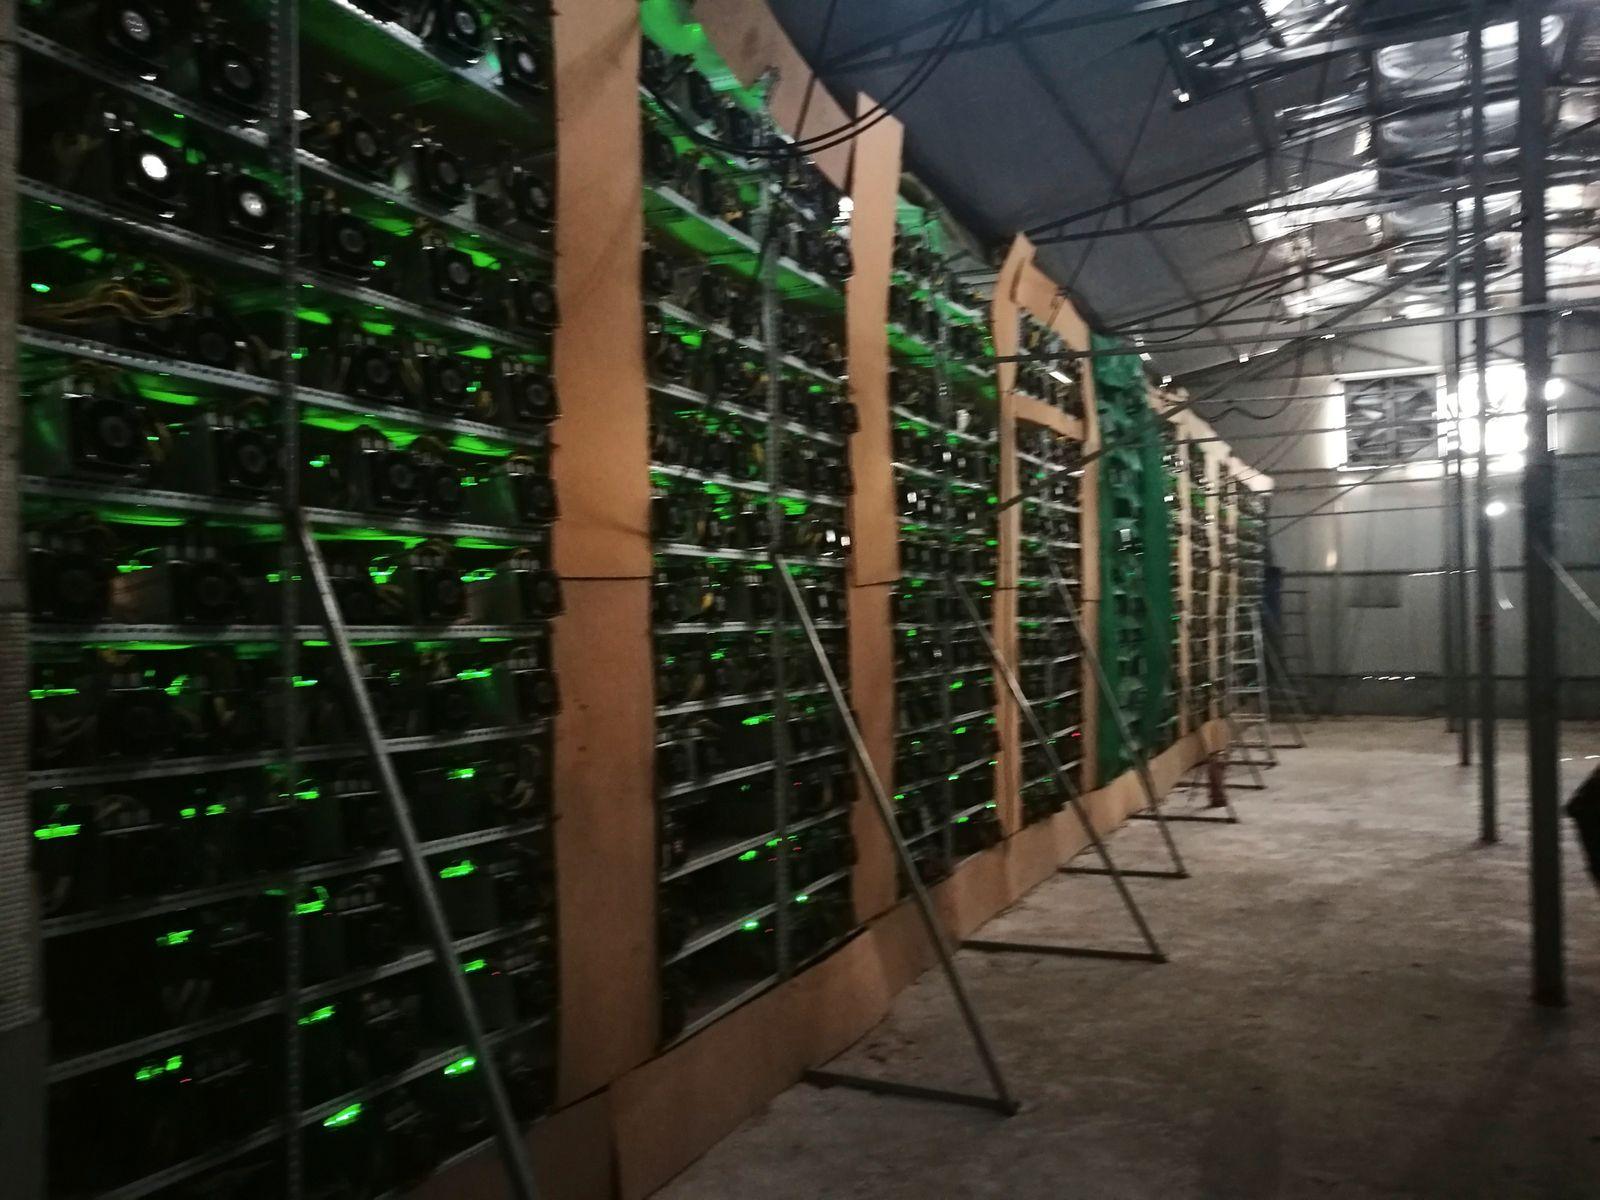 Bitcoin farm in China